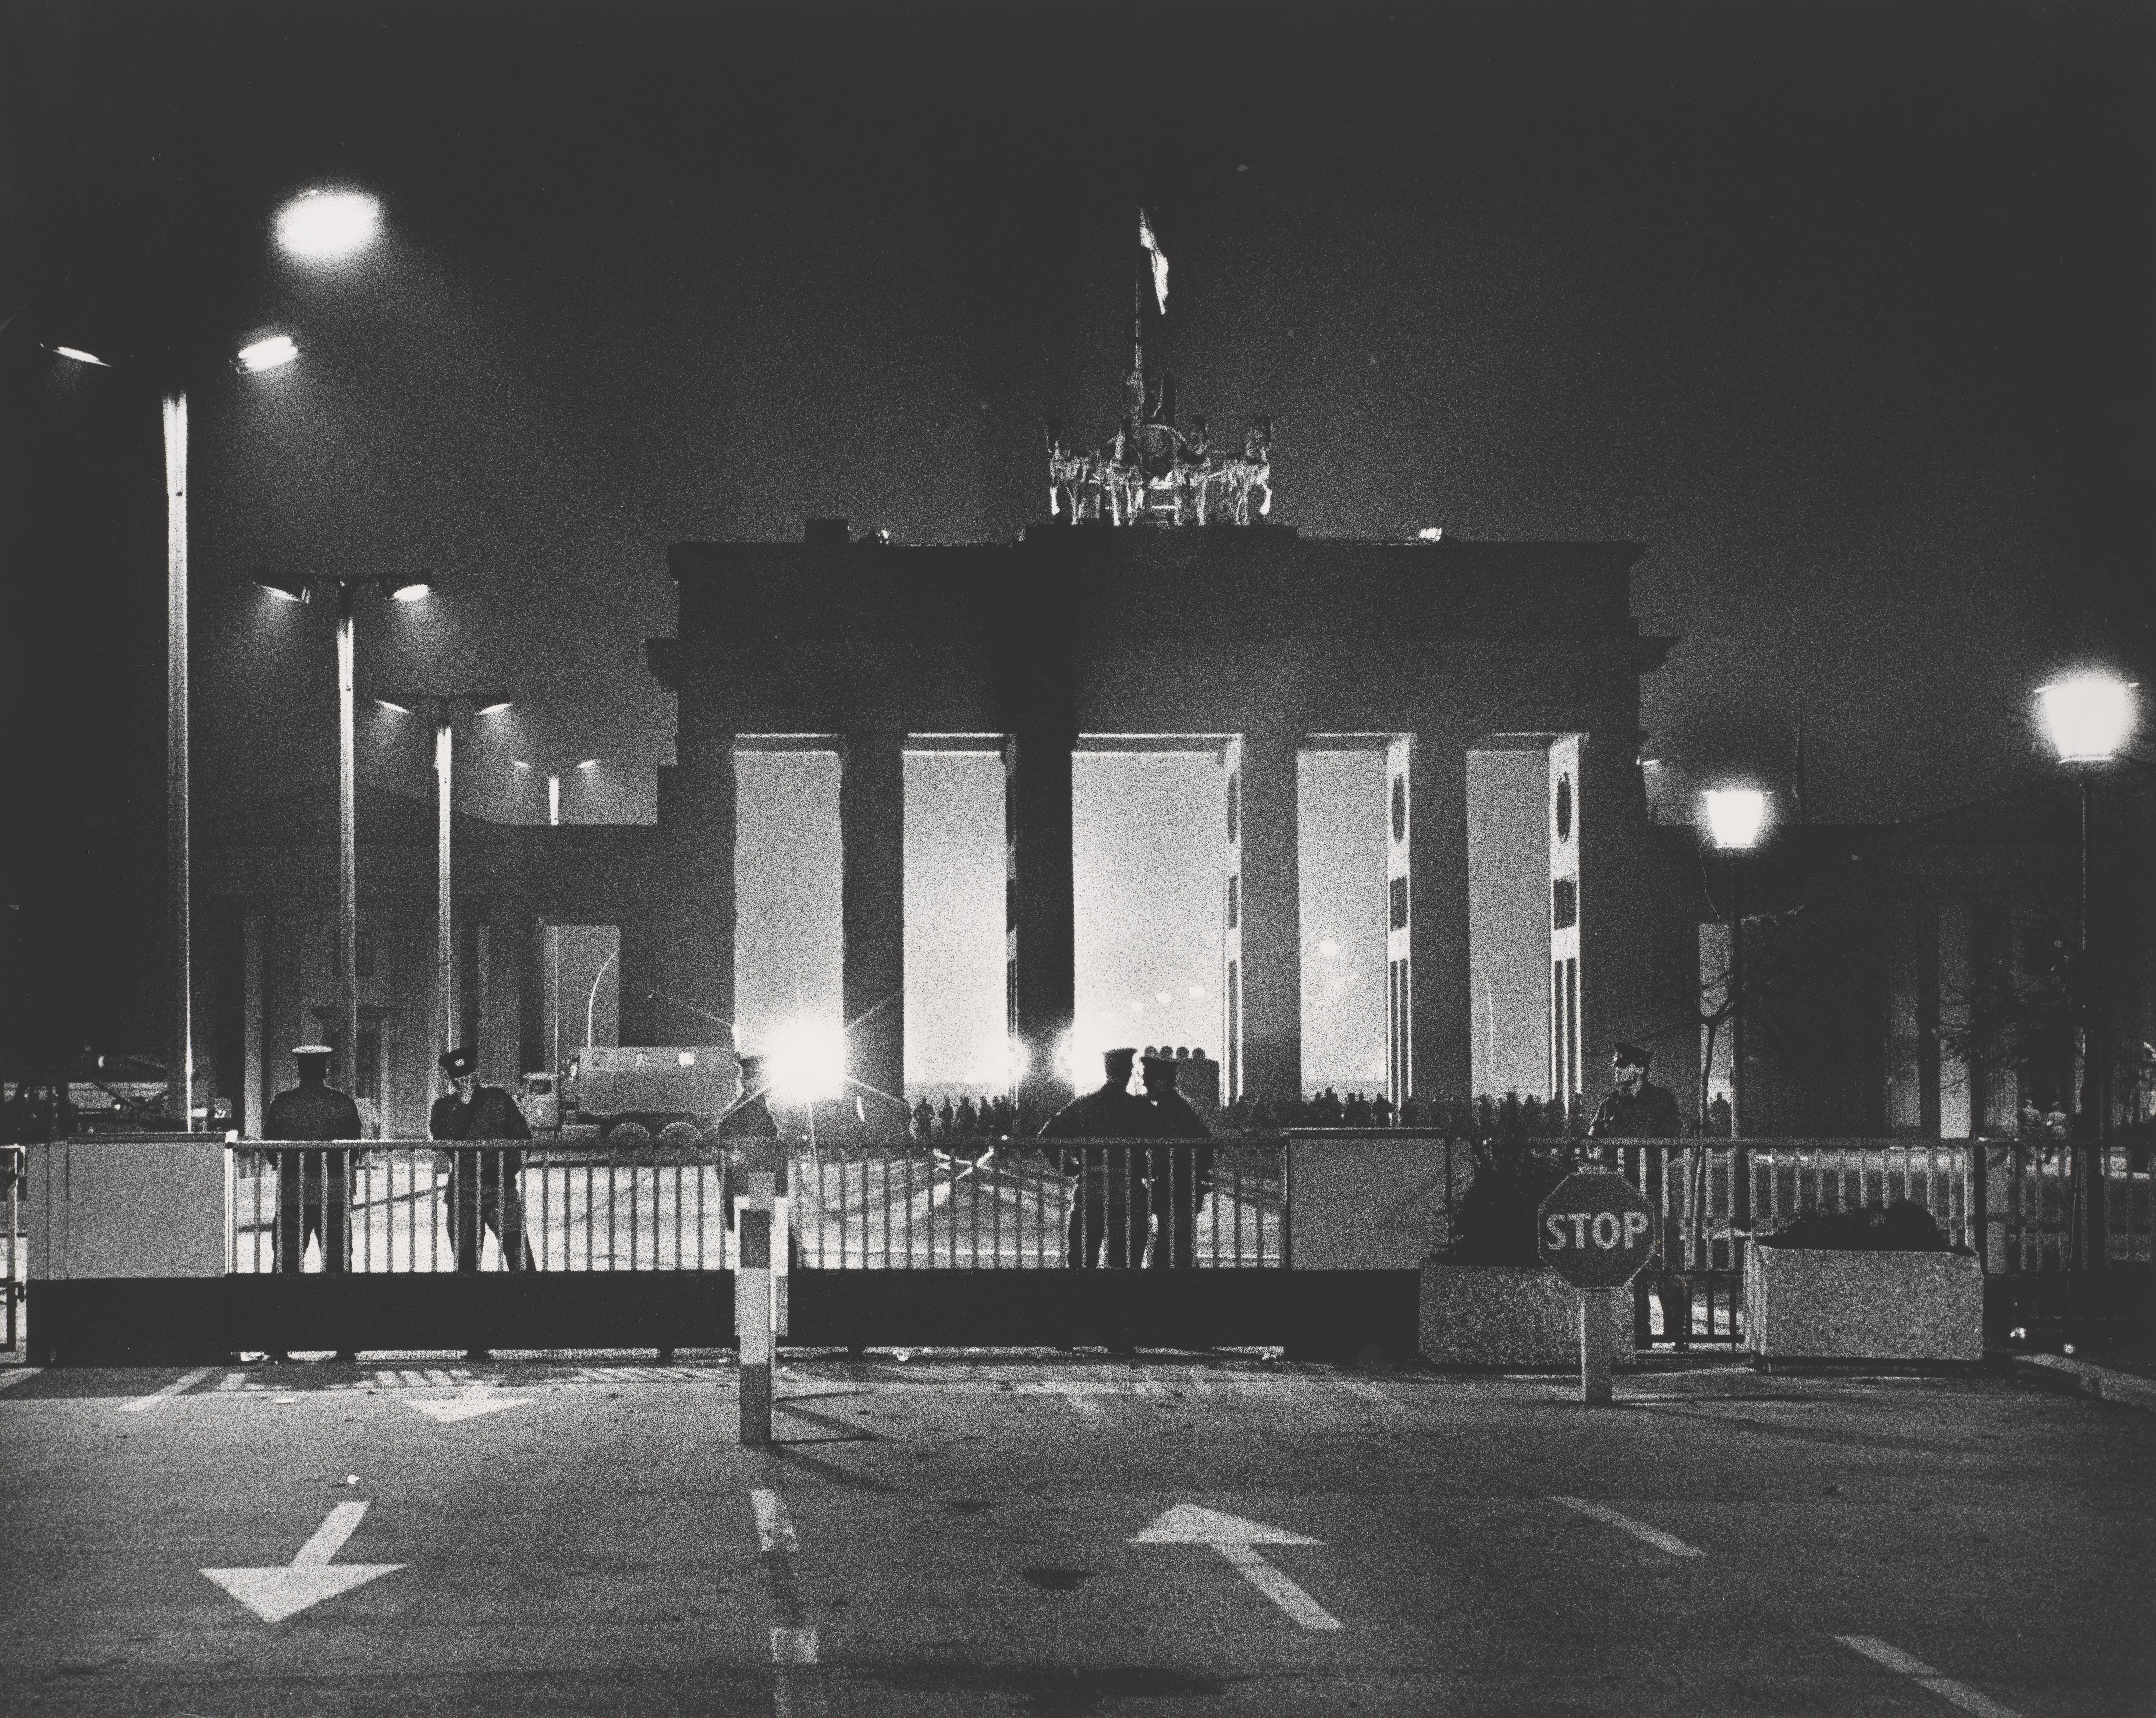 Regina Schmeken. Berlin 001. 10.11.1989.